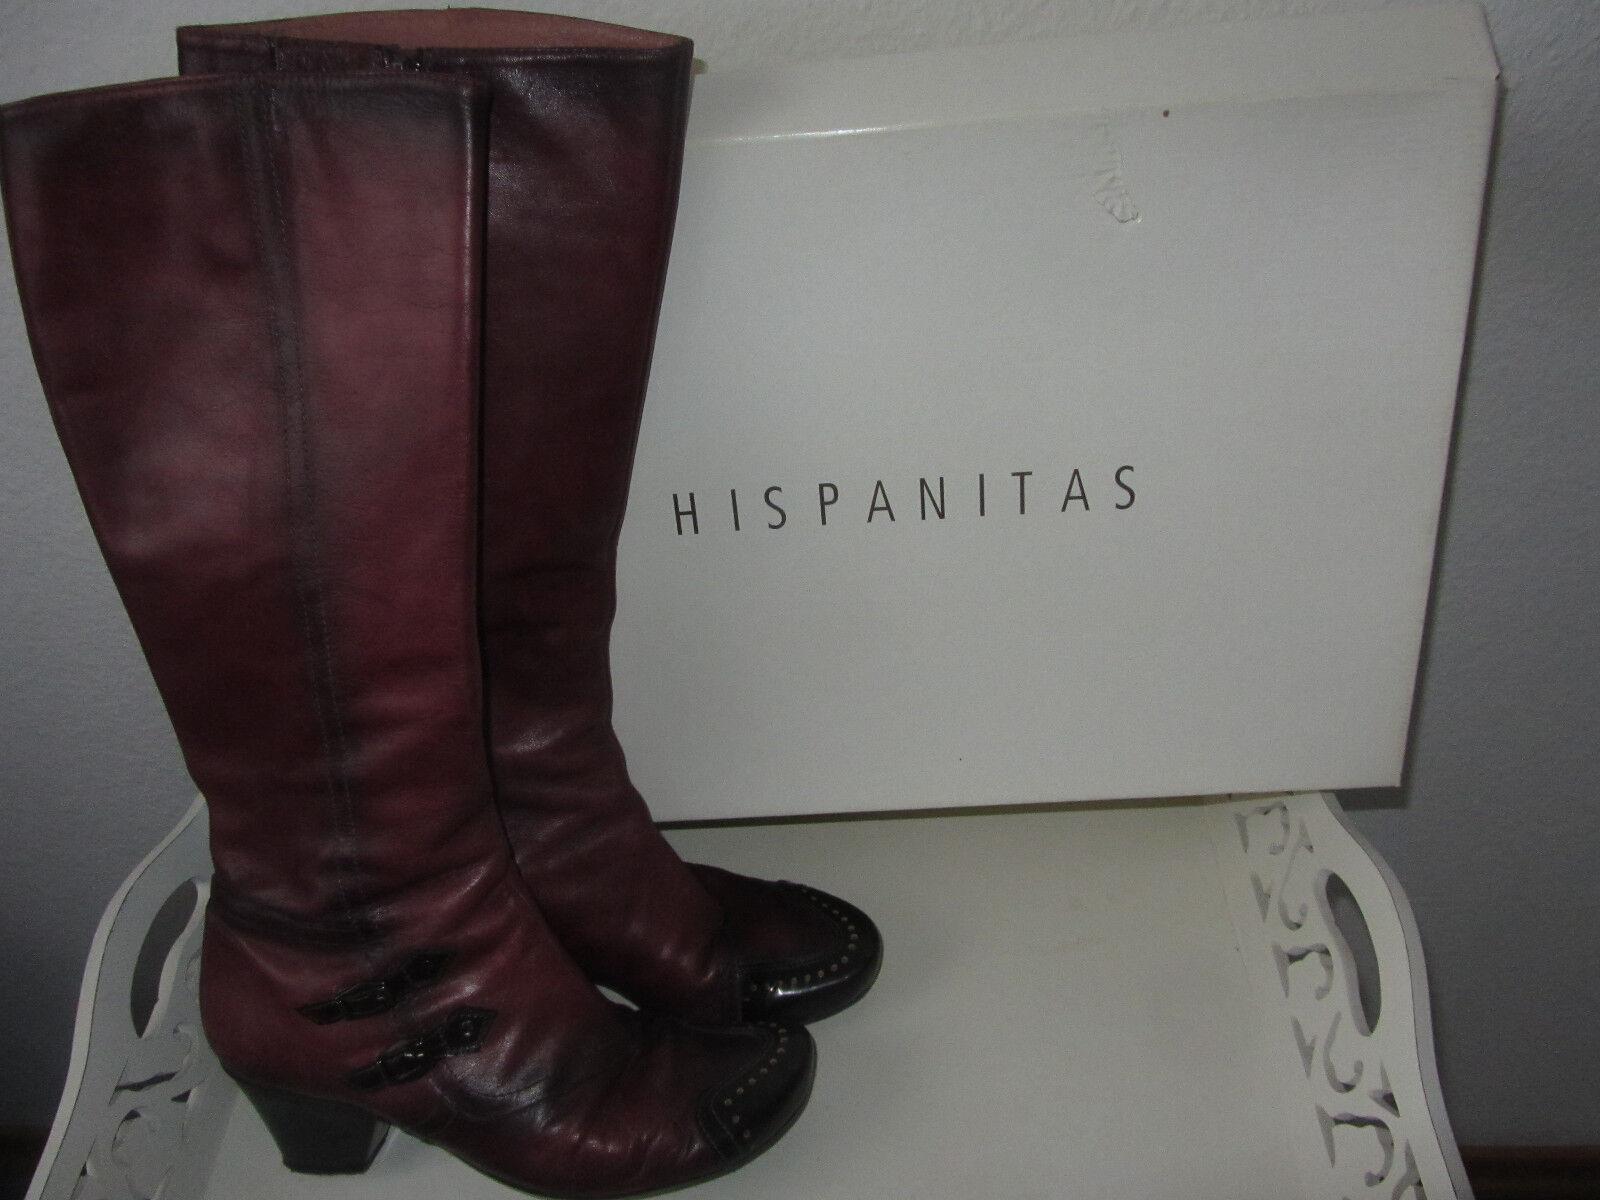 Hispanitas Leder Stiefel Schuhe Gr.38 dunkelrot Leder Hispanitas Modell CONGO RIOJA Echtleder f910e9